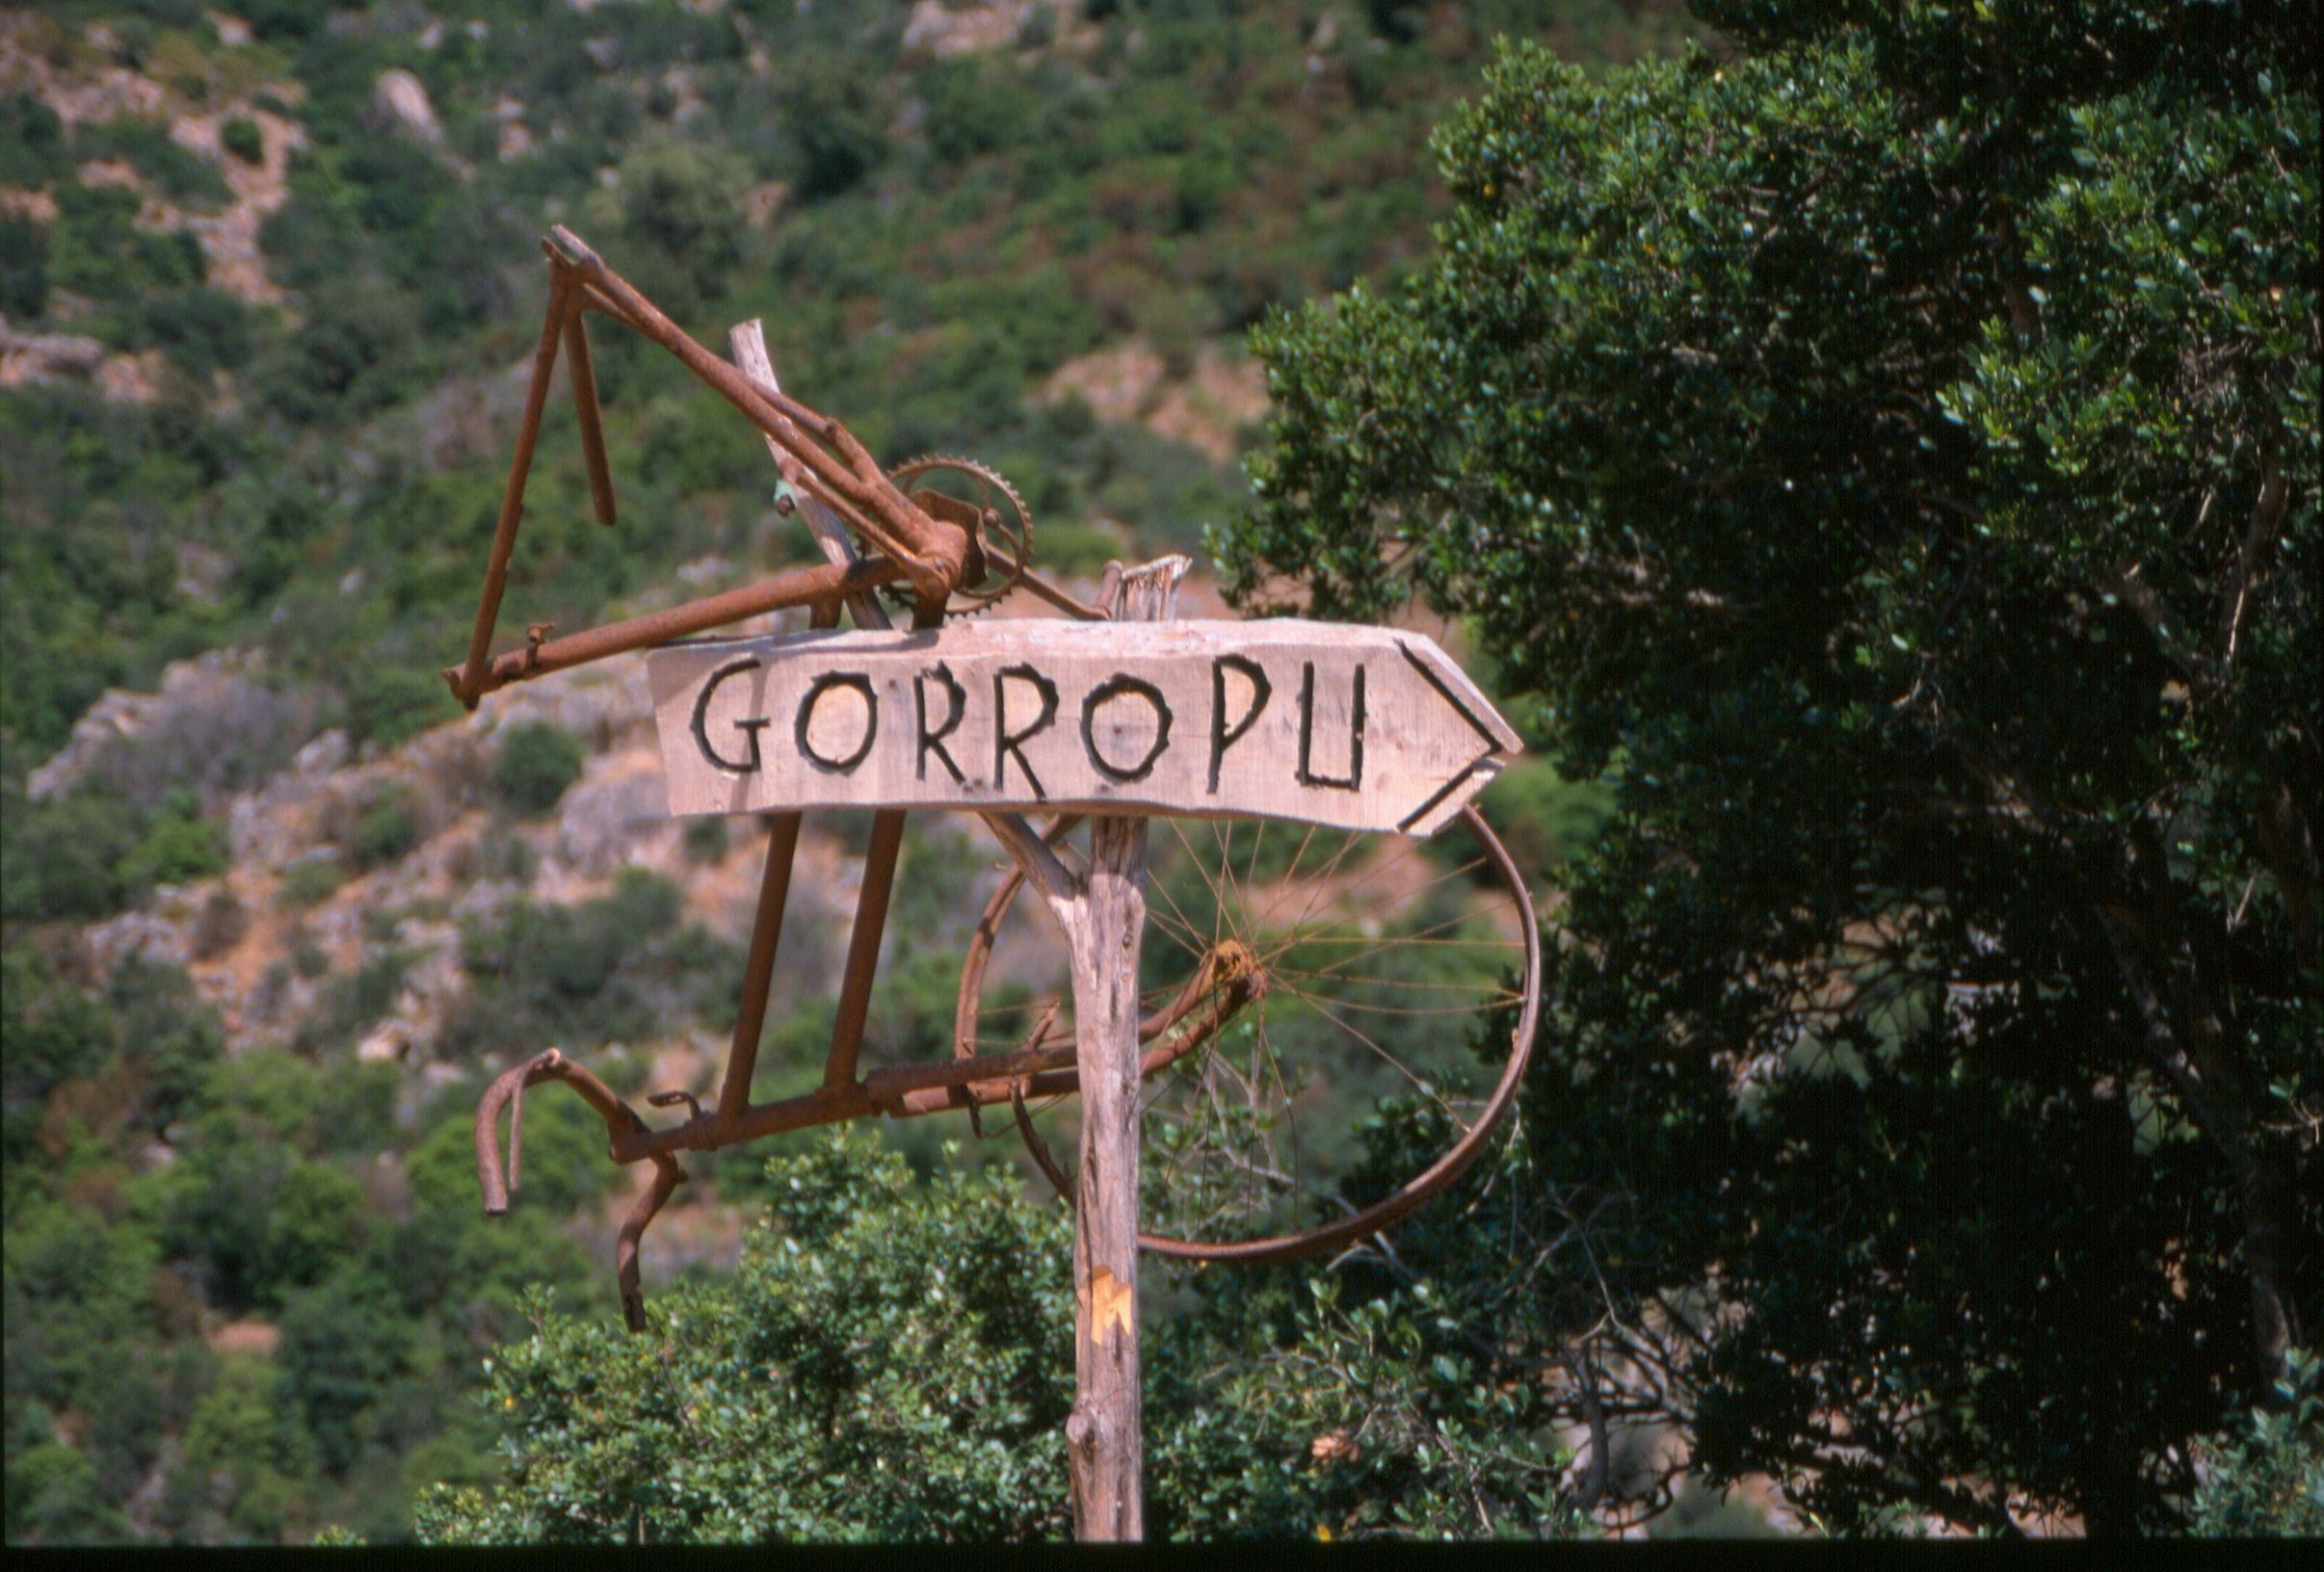 Die Gola Gorropu (sardisch auch Gorropu, italienisch Gola di Gorropu) ist eine Schlucht im Supramonte-Gebirge der Insel Sardinien in den Provinzen Ogliastra und Nuoro und den Gemeinden Urzulei und Orgosolo. Mit bis zu 500 Meter hohen Wänden ist sie eine der tiefsten Schluchten Europas. Das Kalkgestein der Schlucht wurde vom Fluss Riu Fiumineddu geprägt.